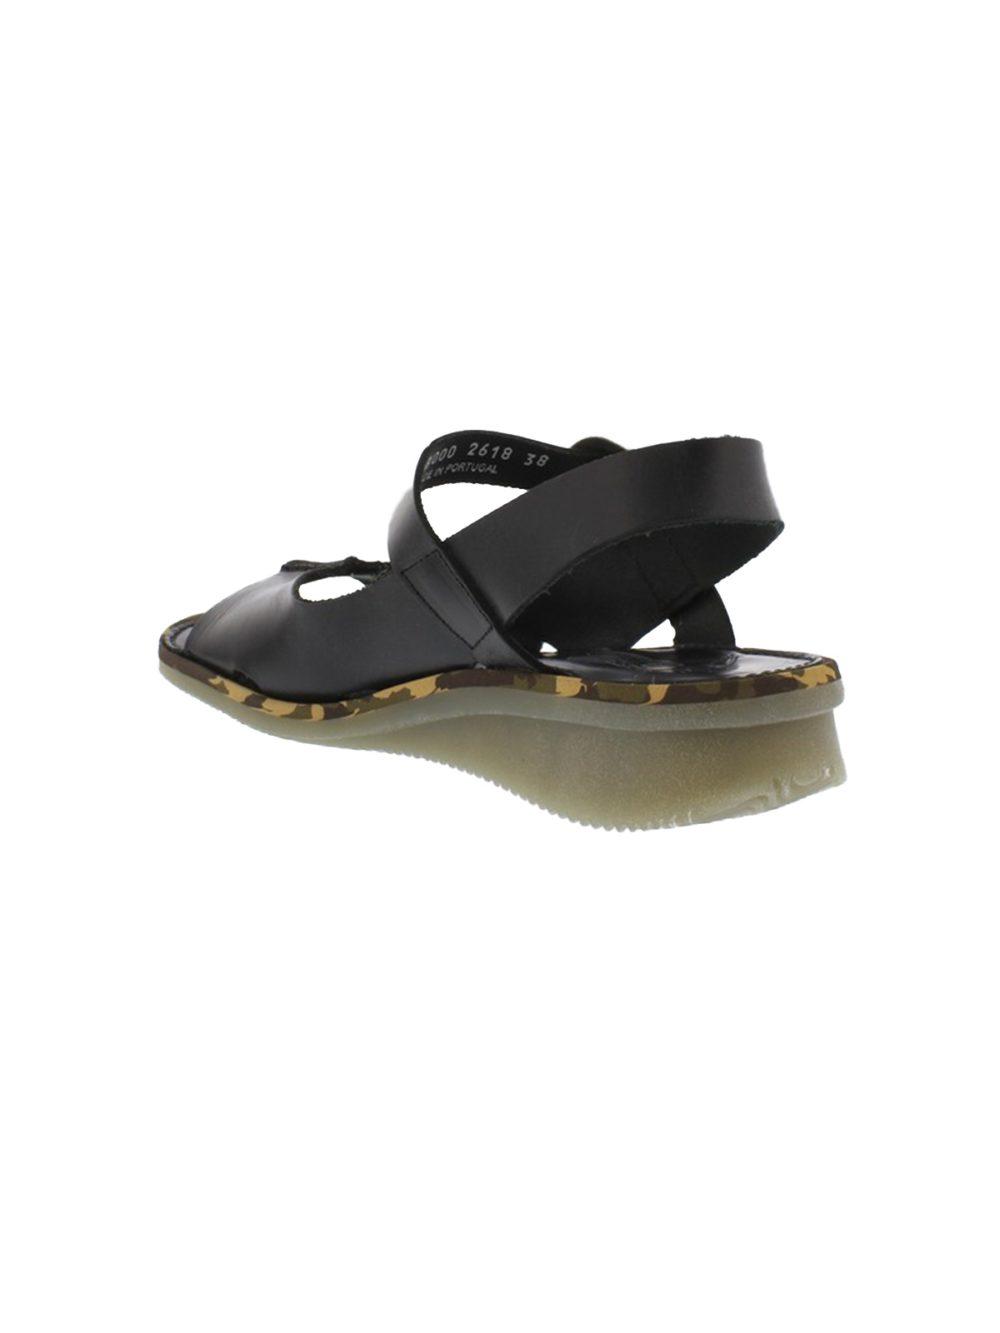 Cult Sandal Fly London Katie Kerr Women's Sandals